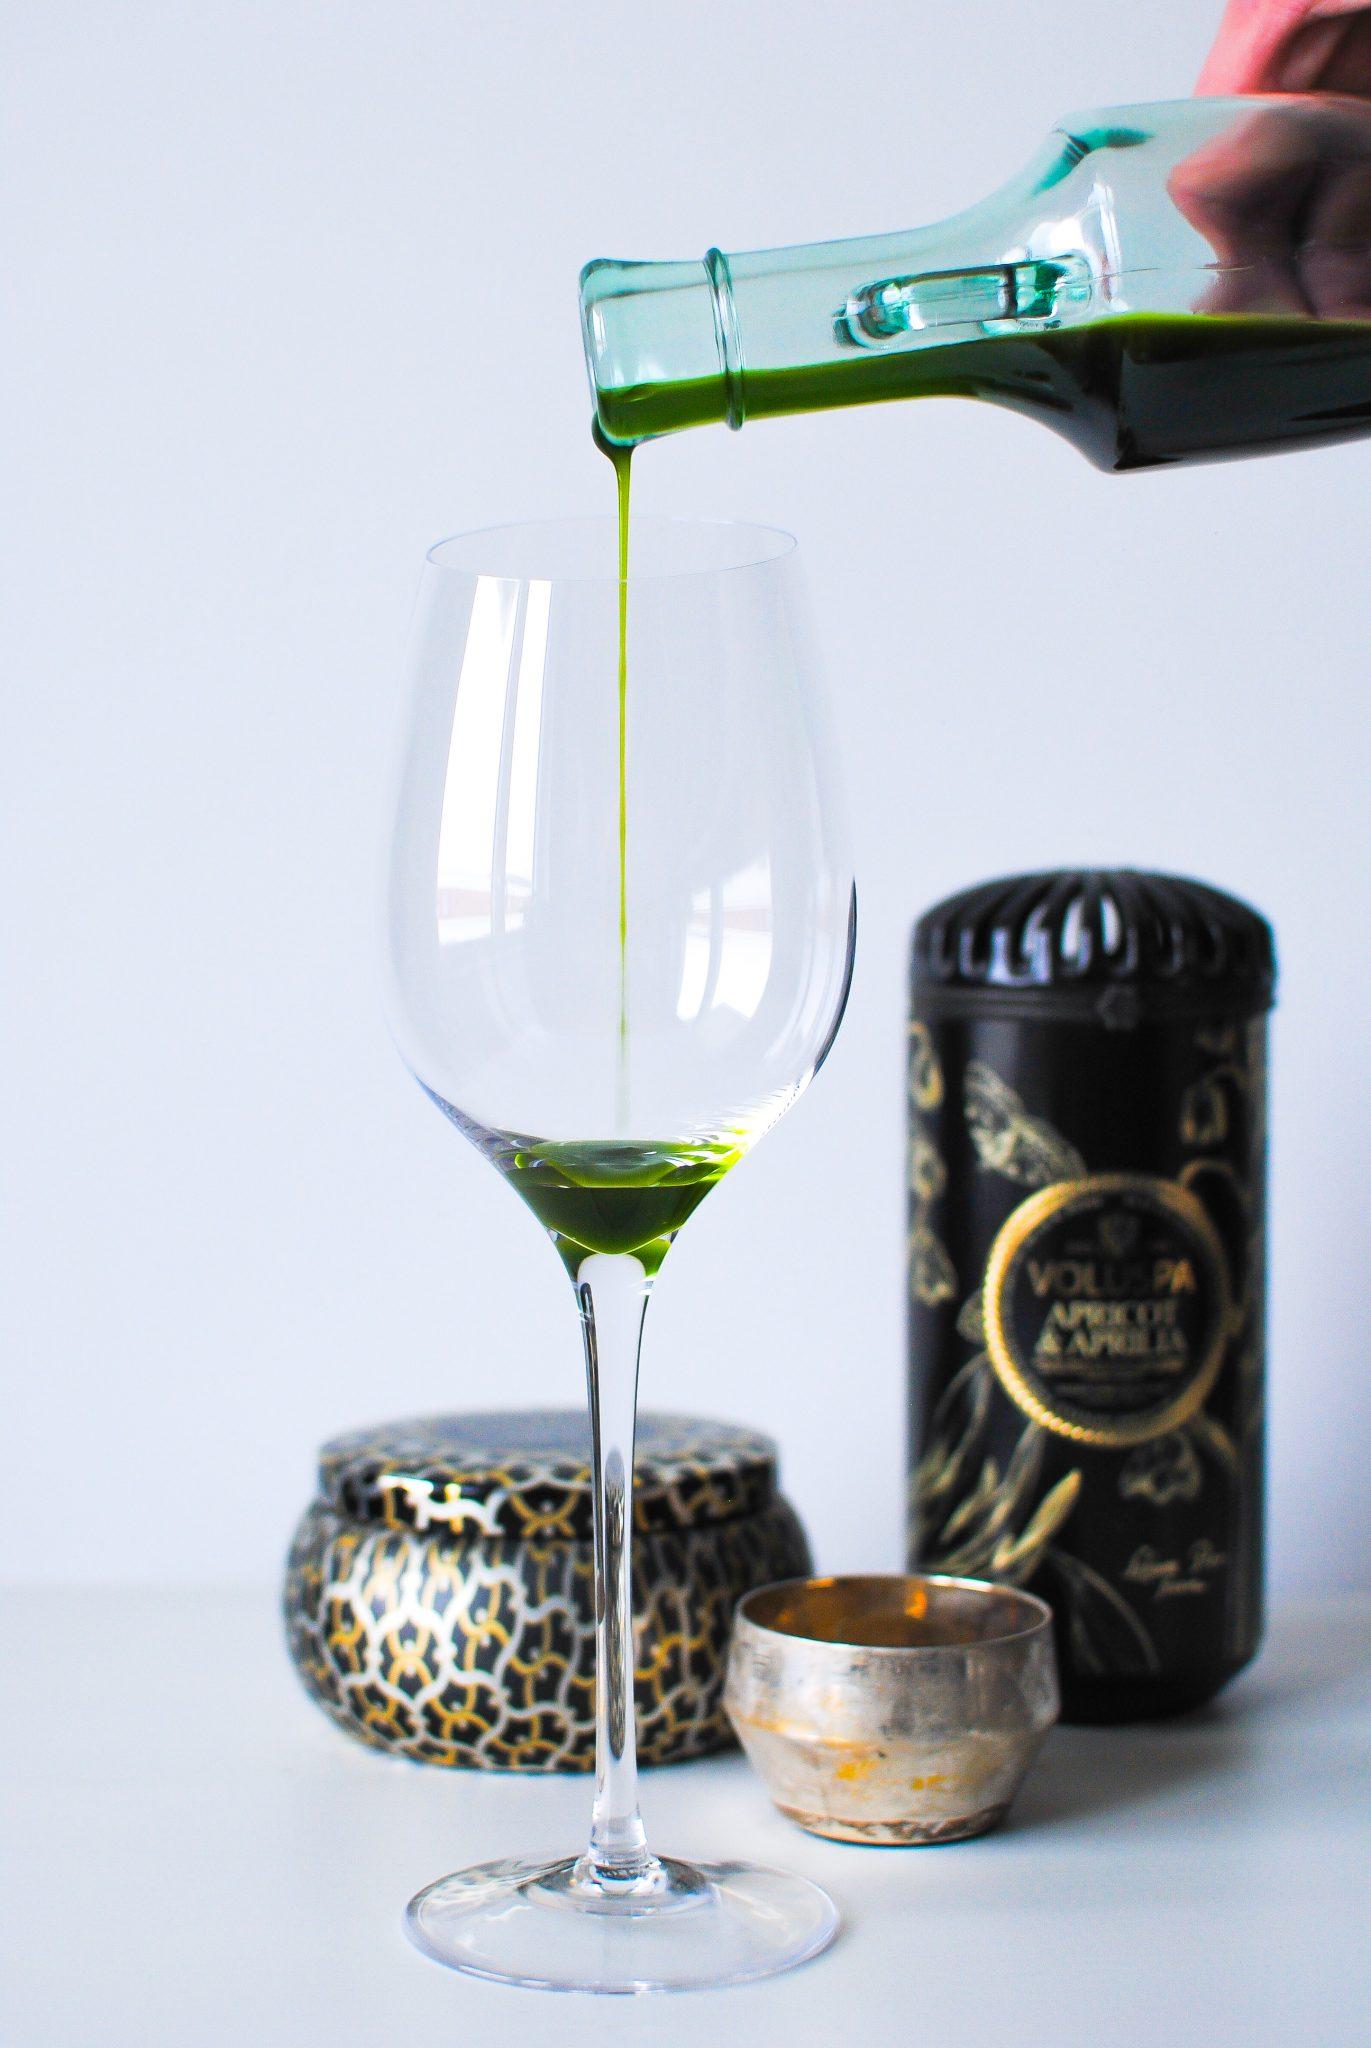 Olja gjord på thaibasilika